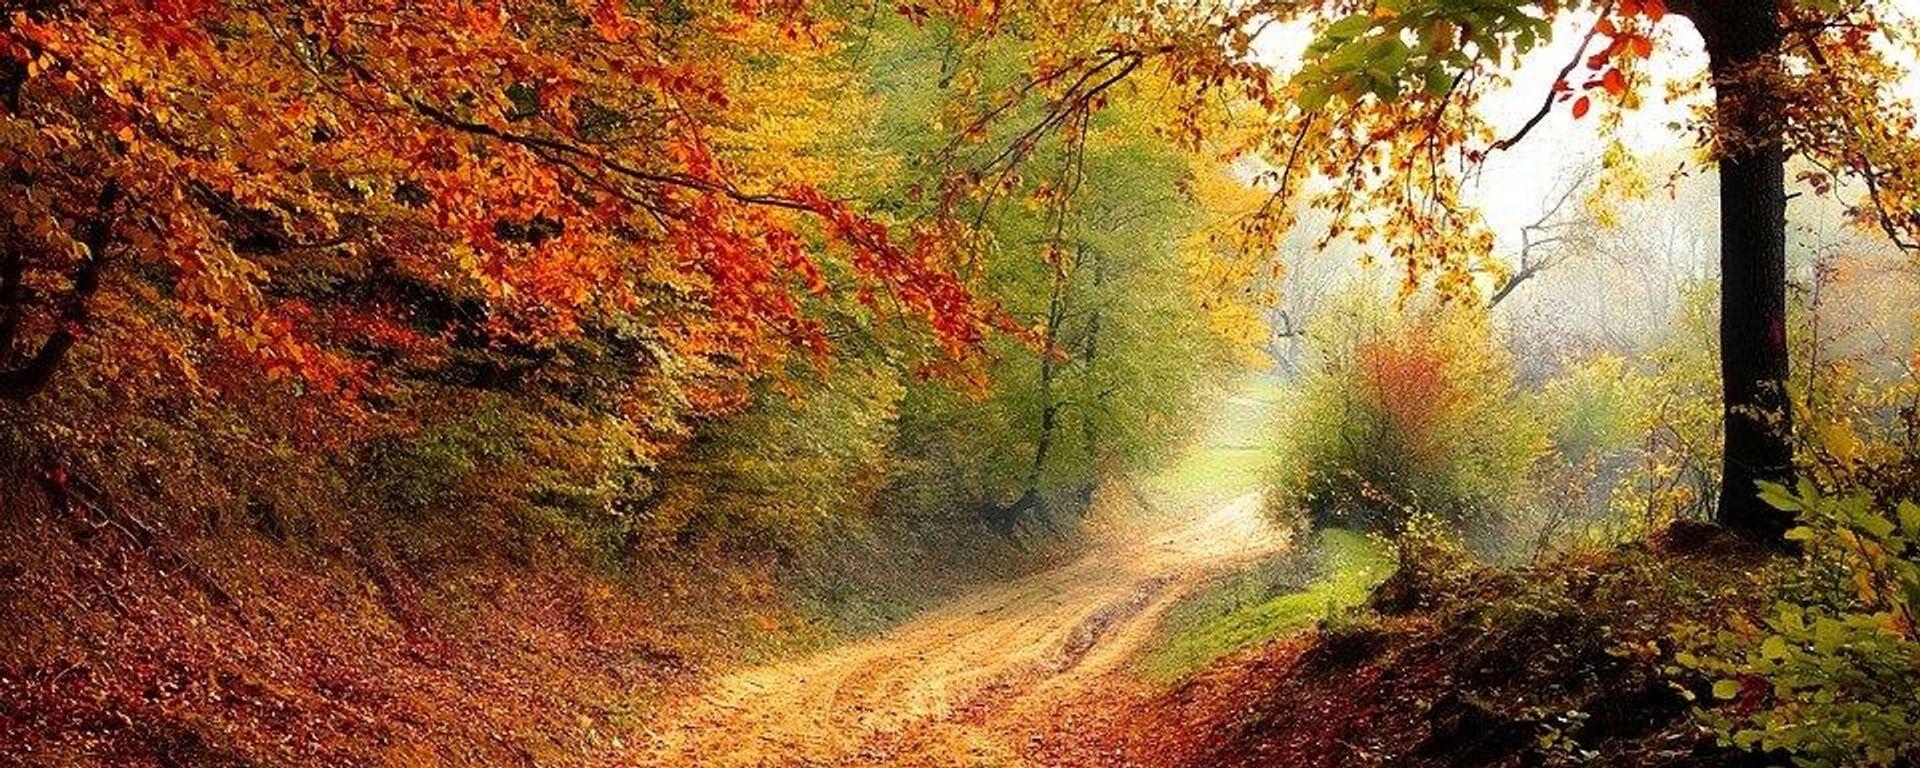 φθινόπωρο -δάσος - Sputnik Ελλάδα, 1920, 22.09.2021